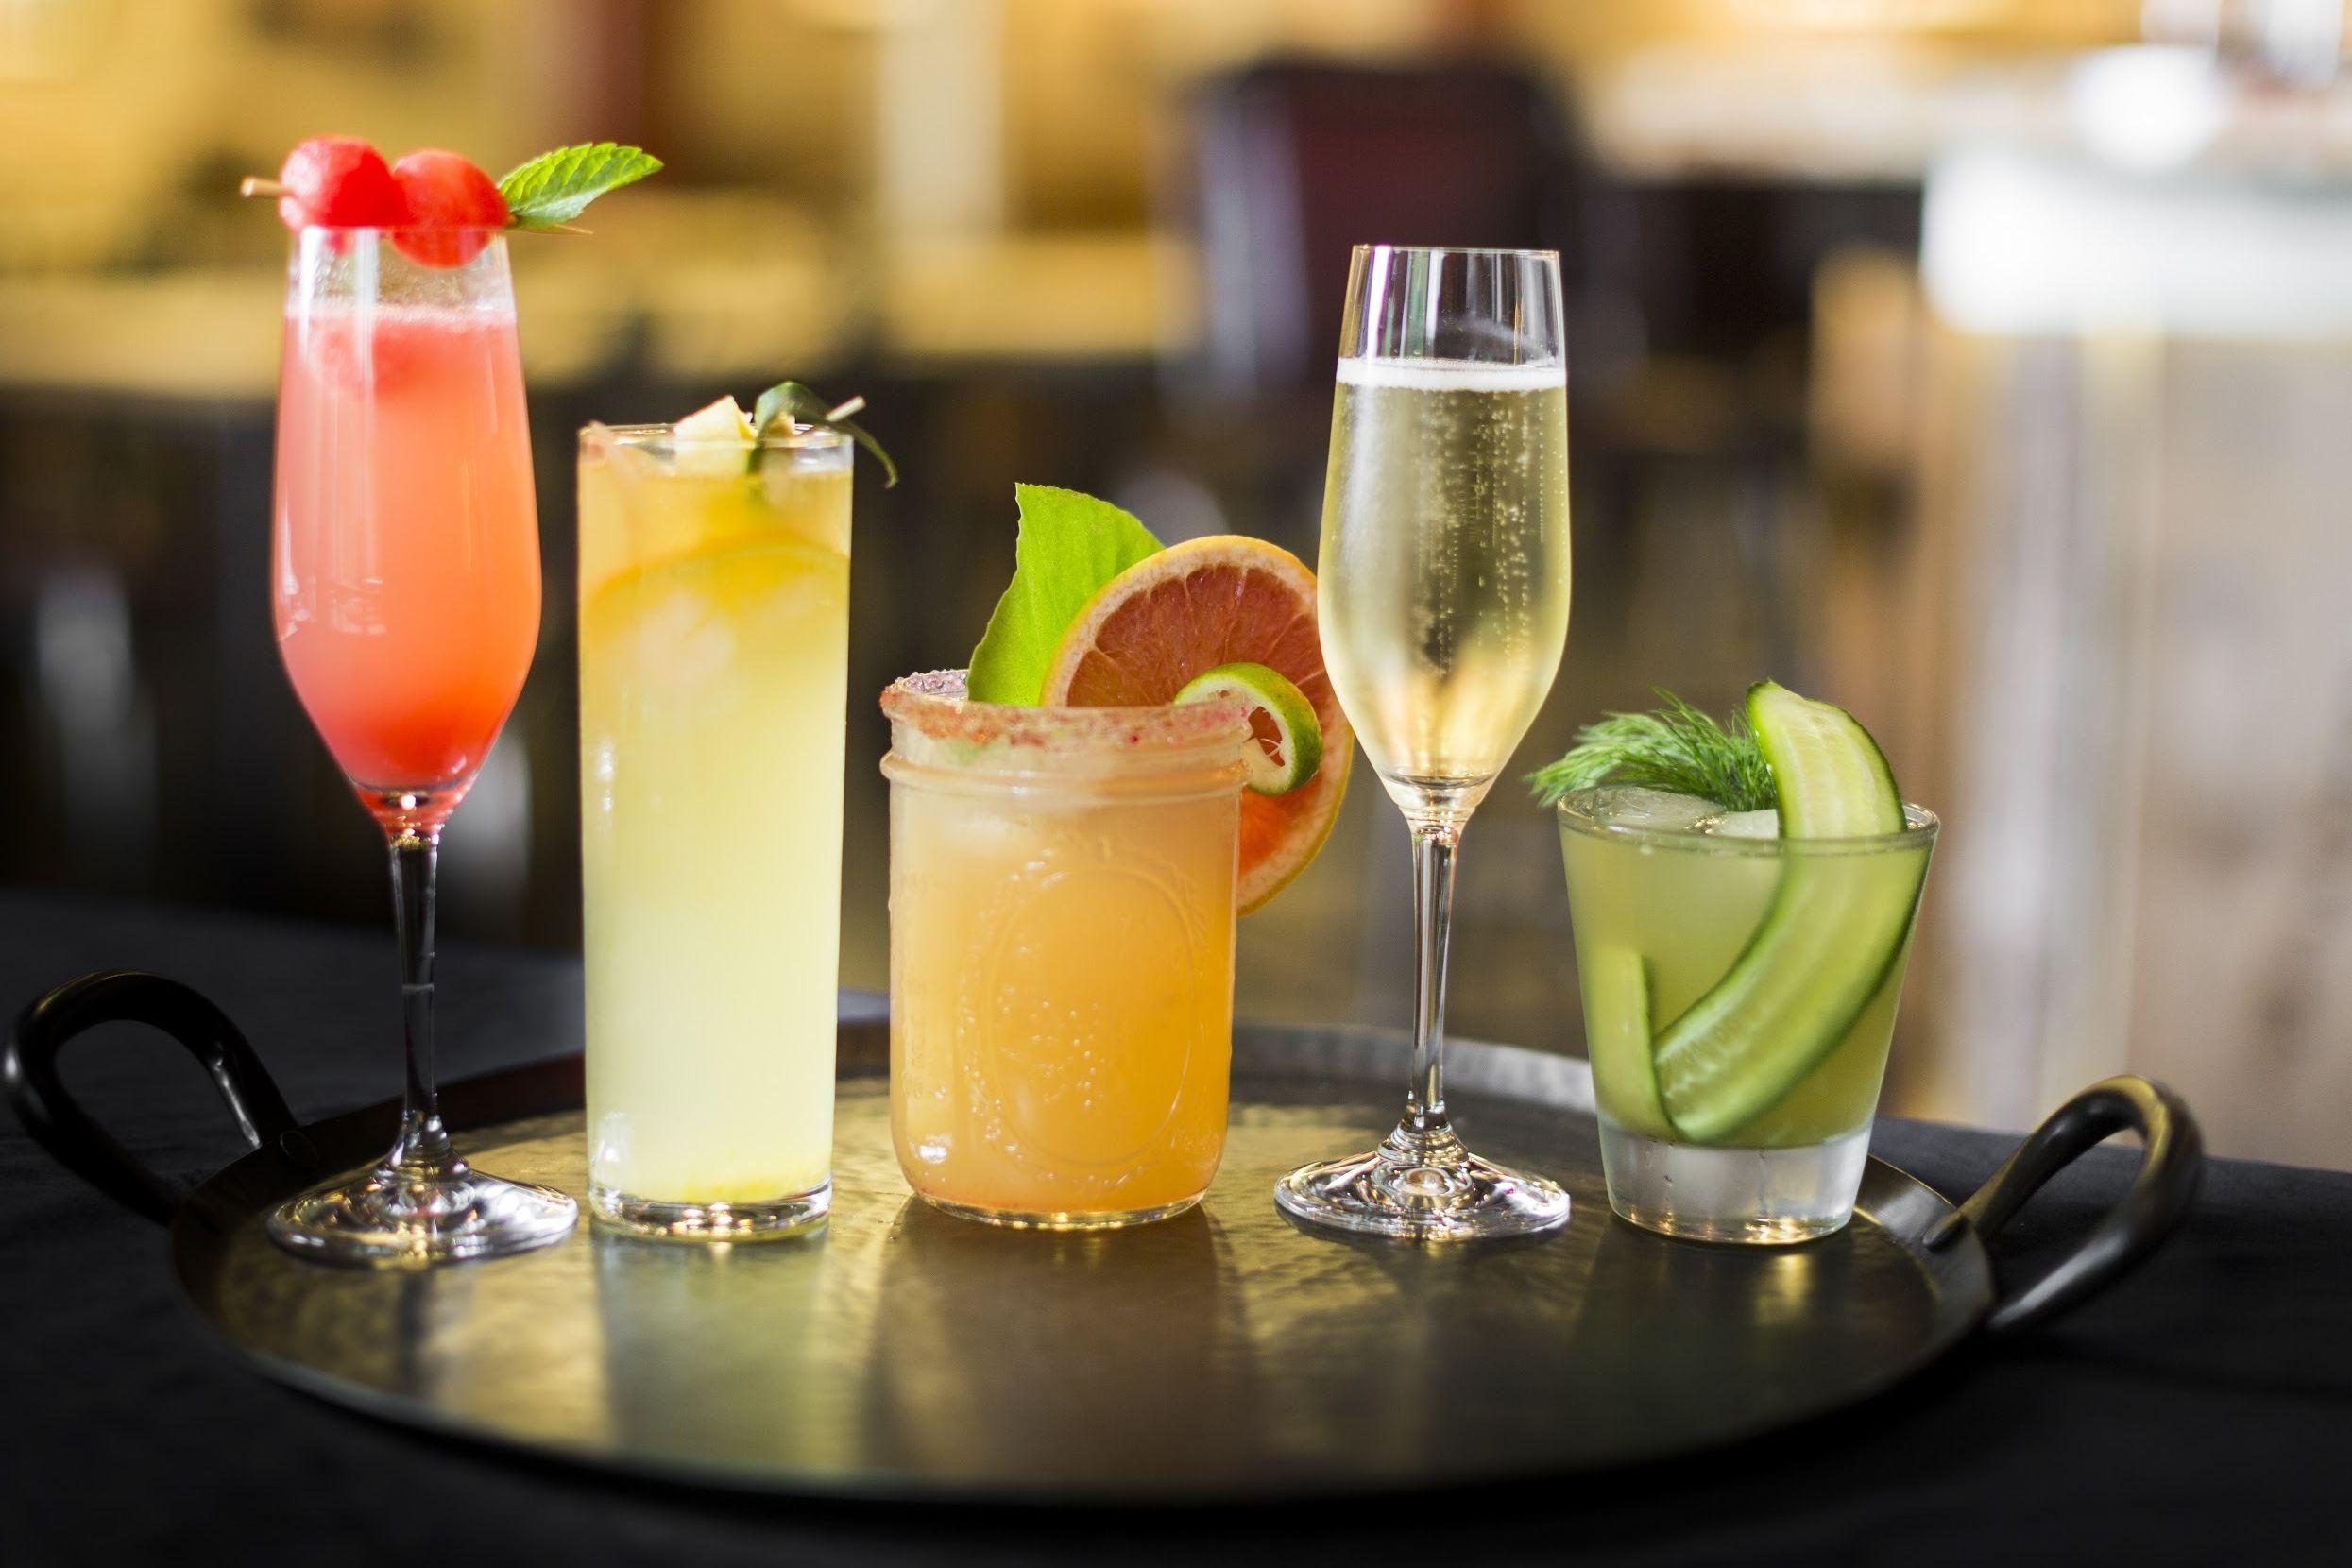 New cocktails credit julie soefer photography for mkt bar glsooi